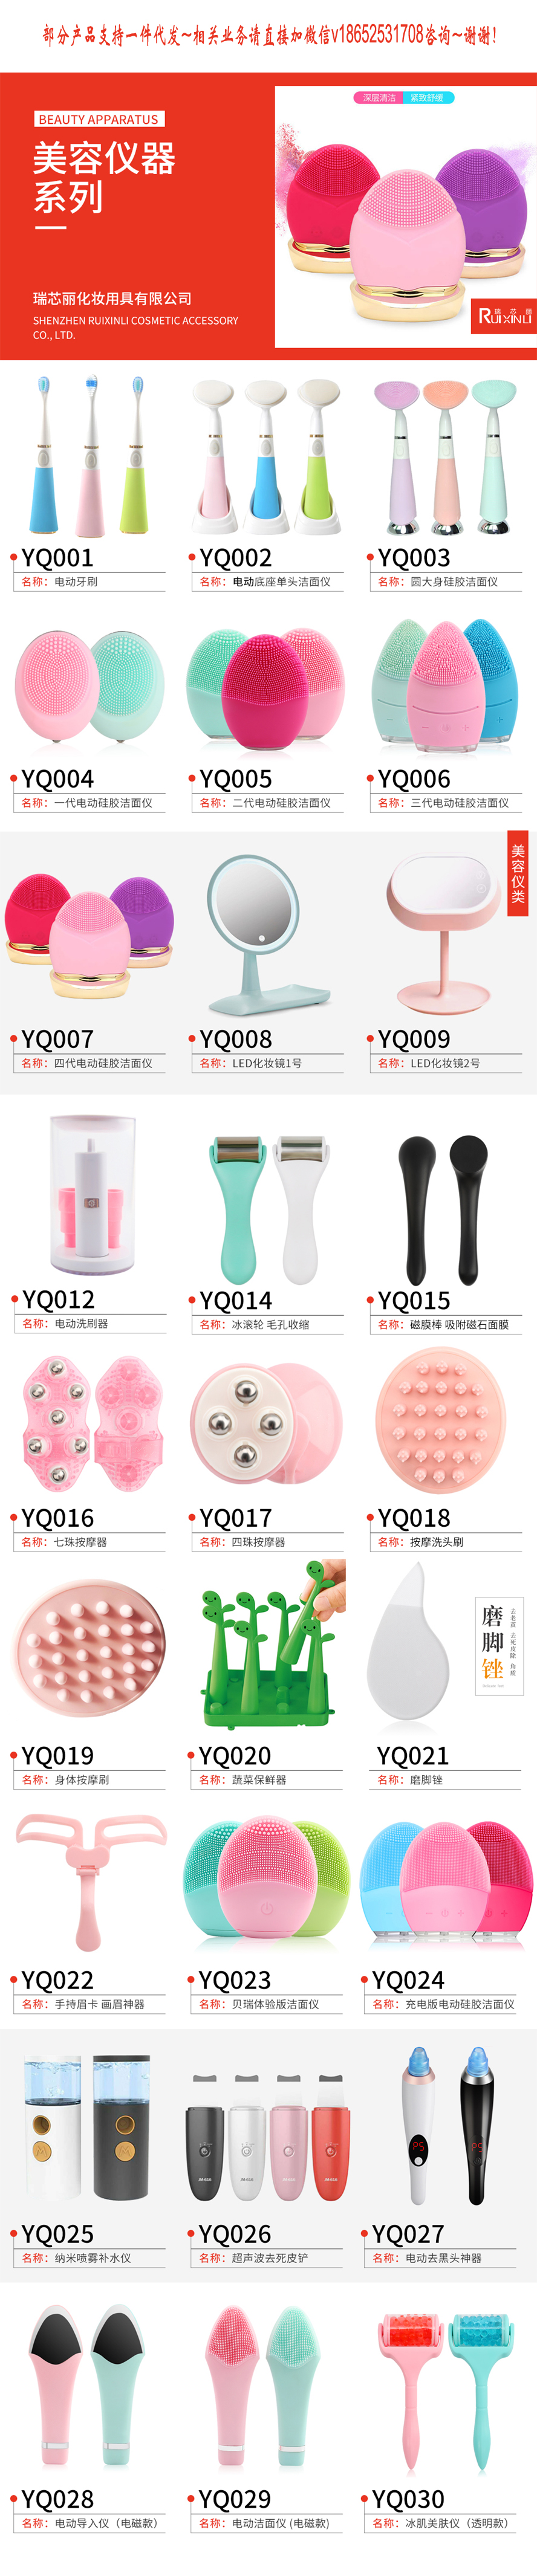 品牌化妆刷生产商_化妆品包装相关-深圳市瑞芯丽化妆用具有限公司